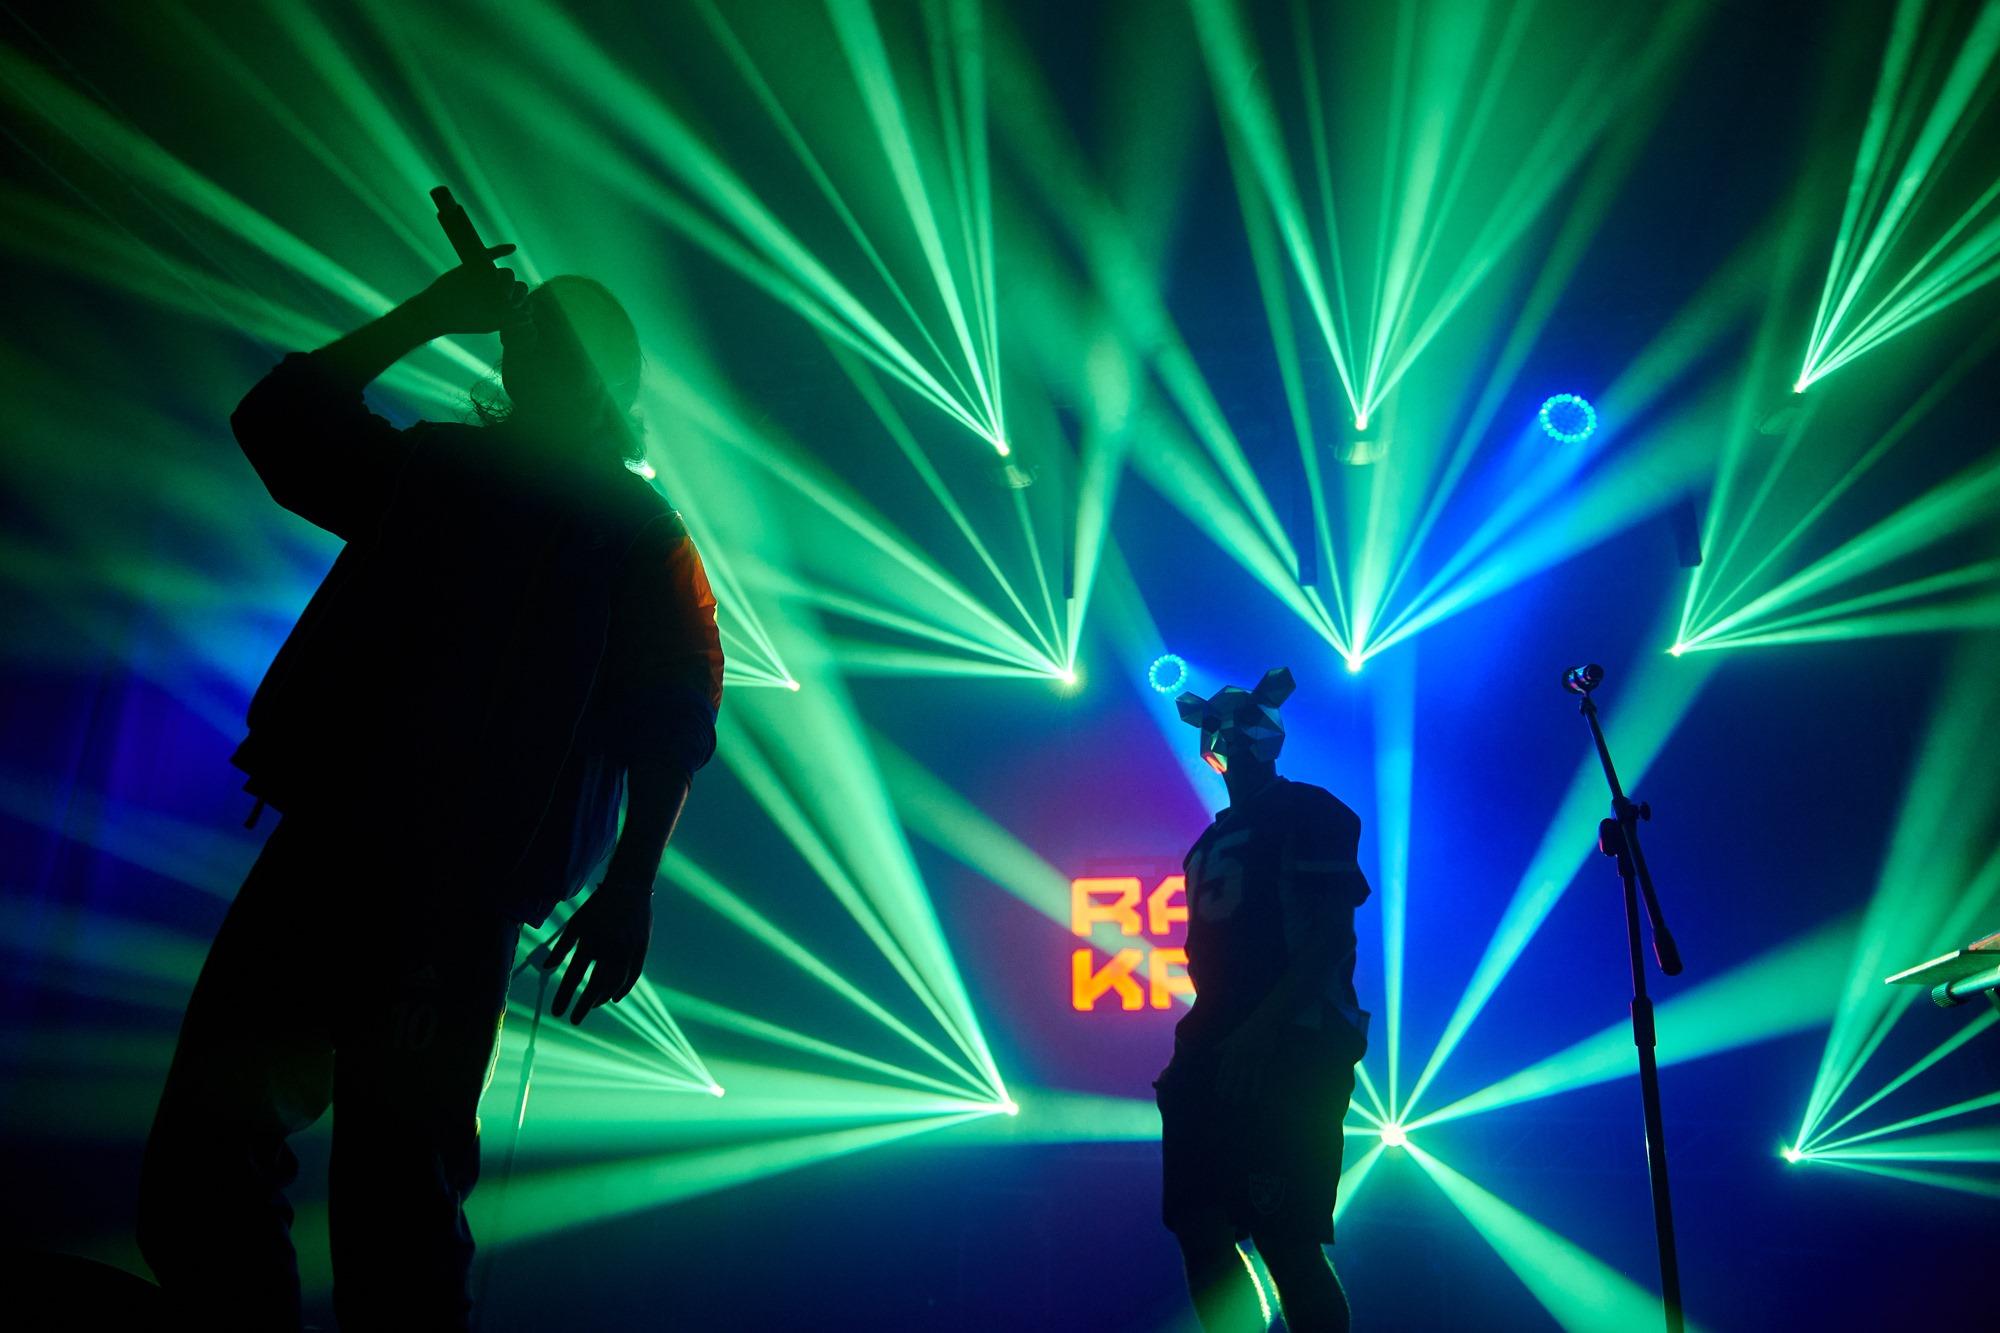 [Zdjęcie z koncertu przedstawiające duet Rat Kru - dwóch mężczyzn. Jeden z nich trzyma mikrofon przy ustach, drugi ma założoną na twarzy maskę szczura. Stoją na scenie oświetleni zielonymi światłami.]